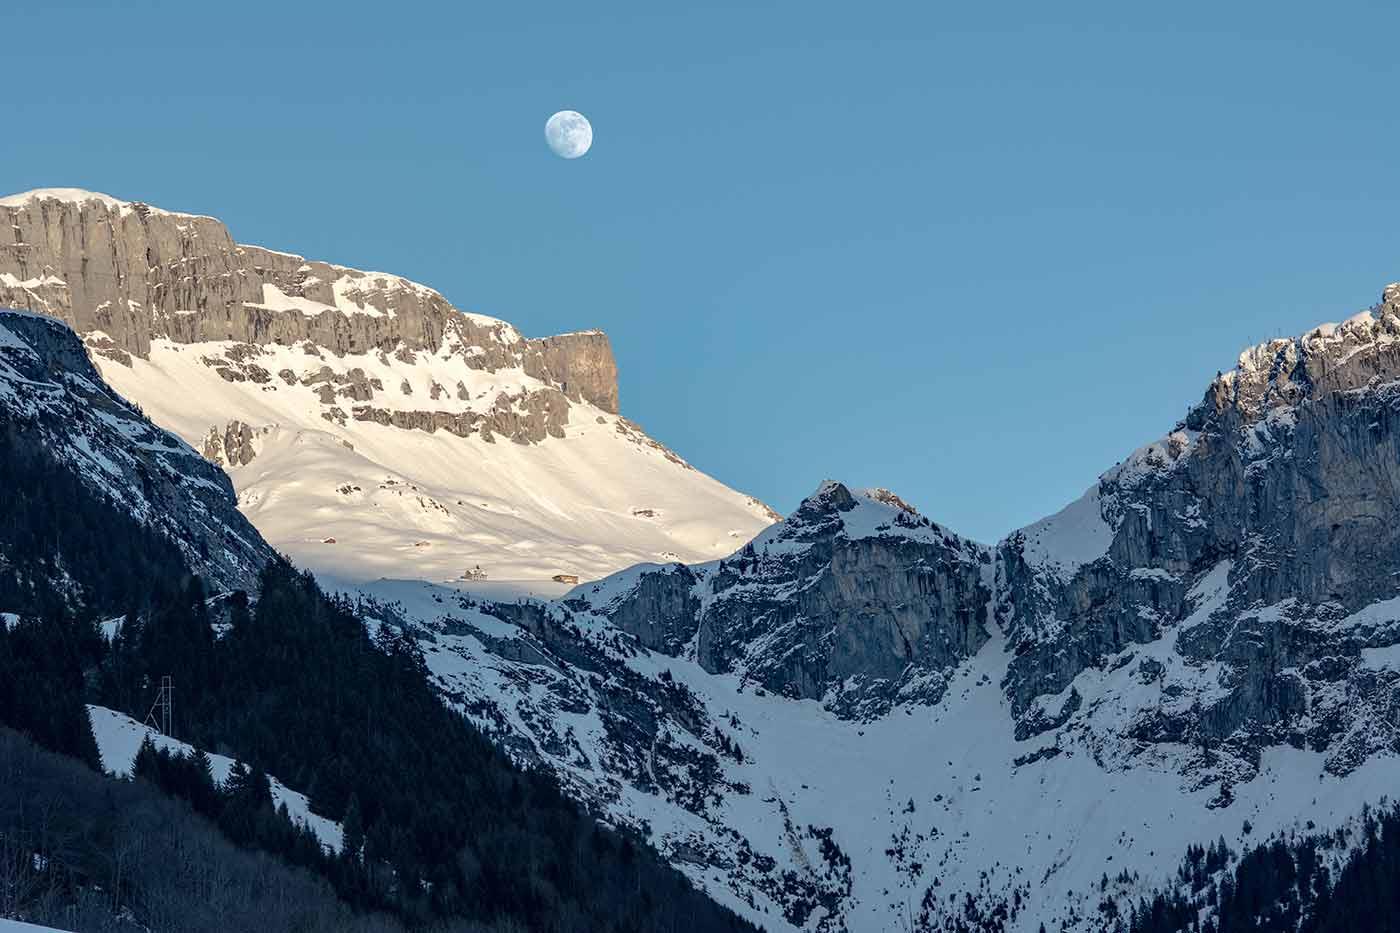 Mond über den Bergen im Schweizer Kanton Uri